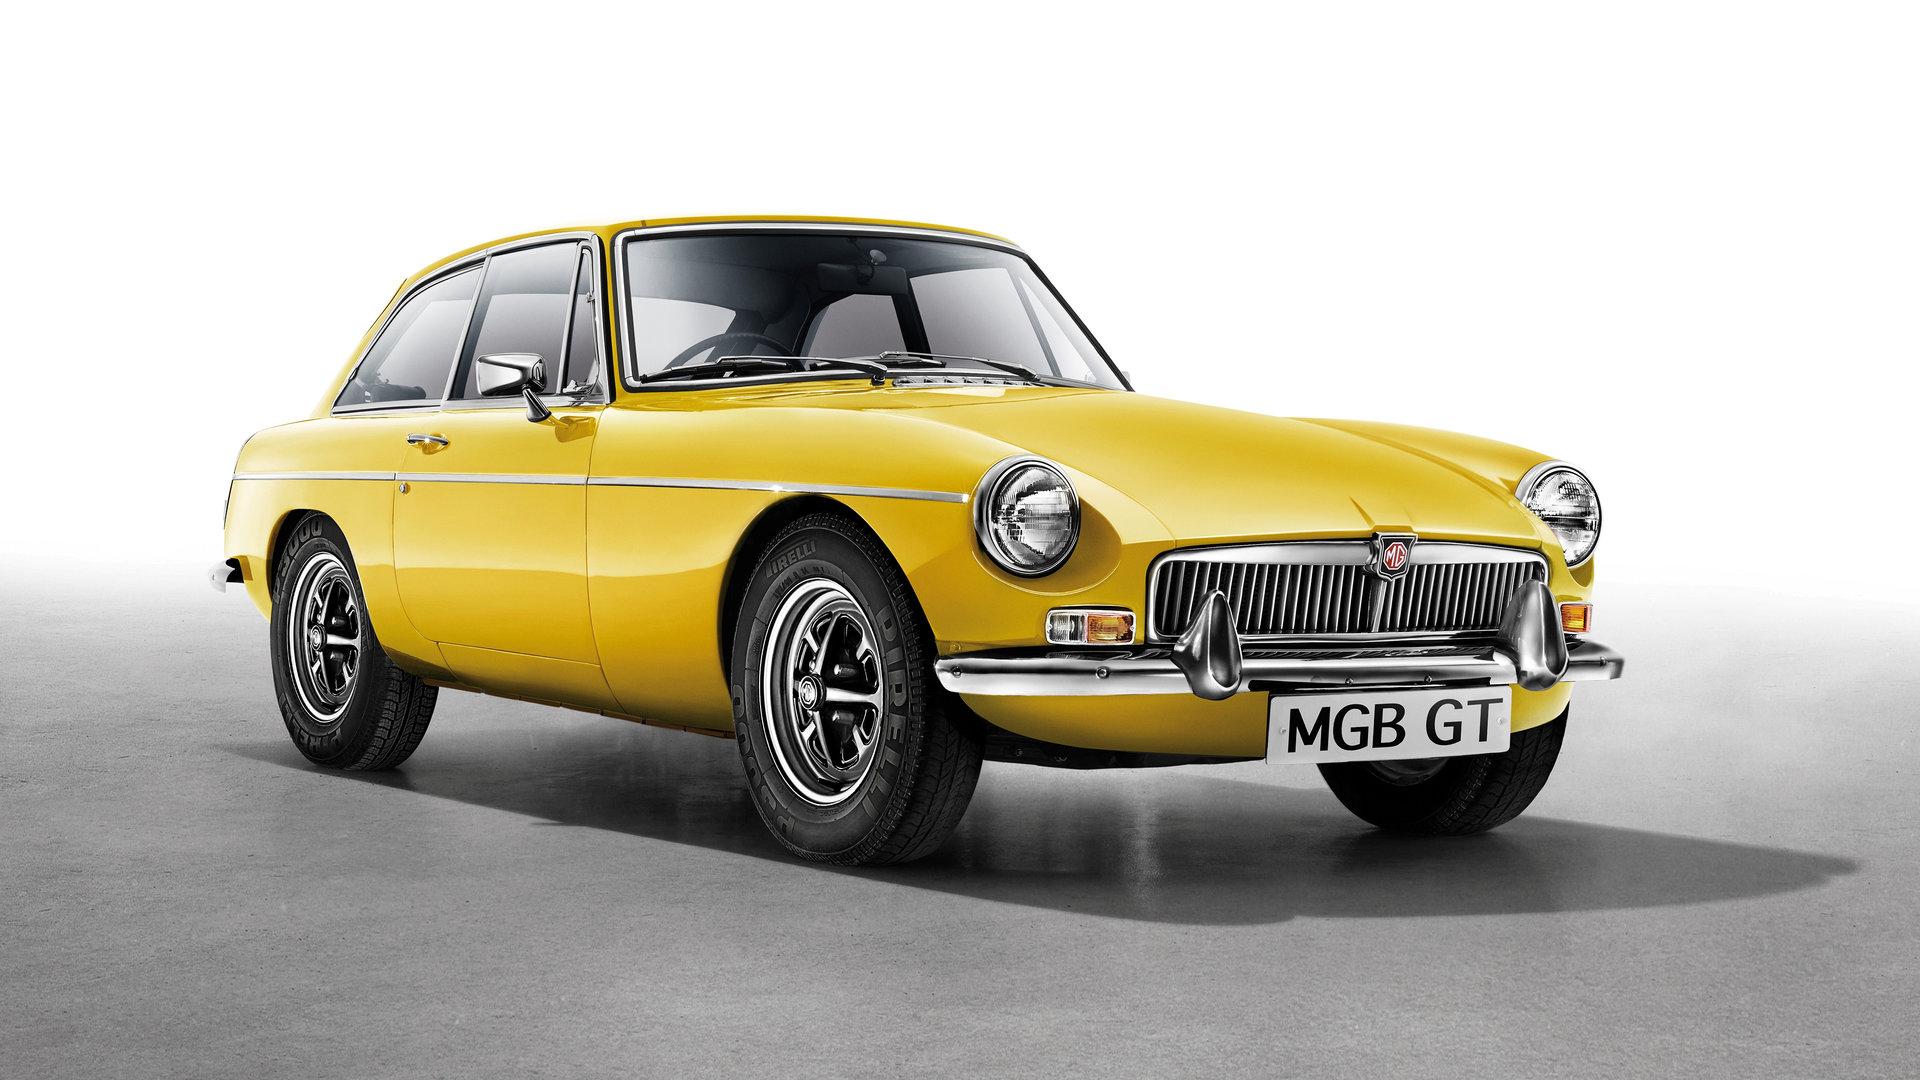 Coche del día: MGB GT 1800